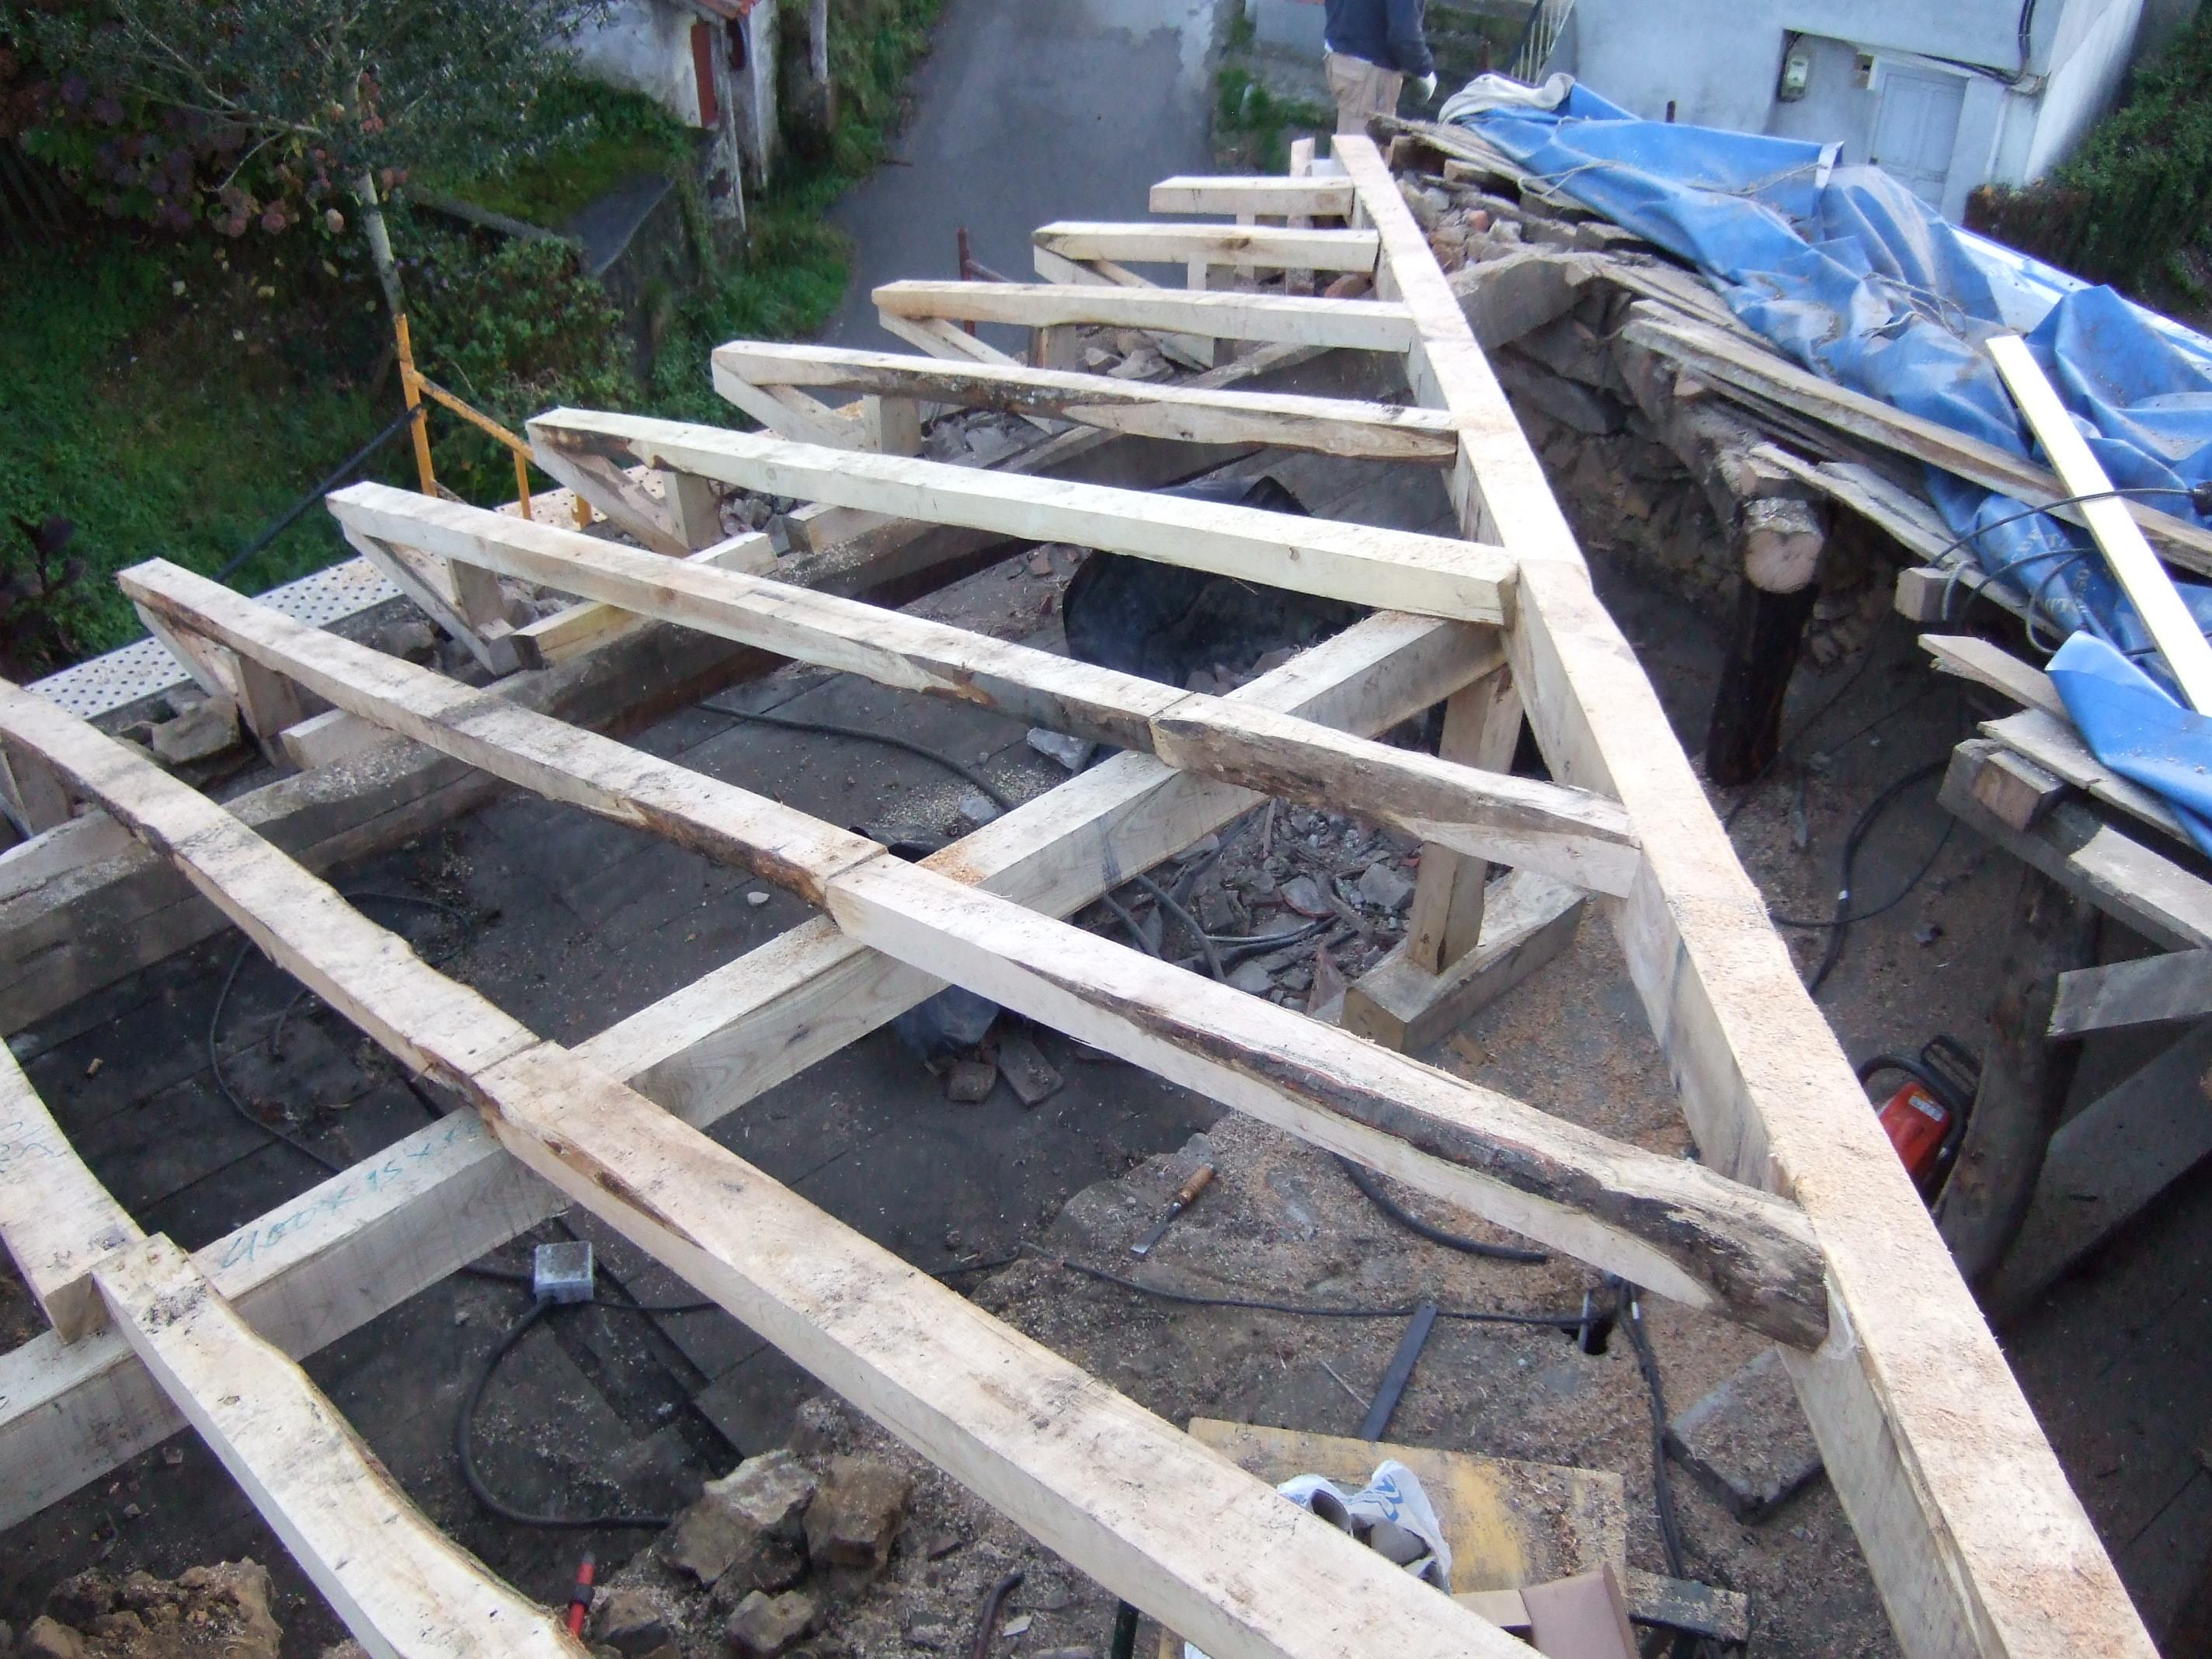 Tejados carpinteria francisco castro - Estructura tejado madera ...